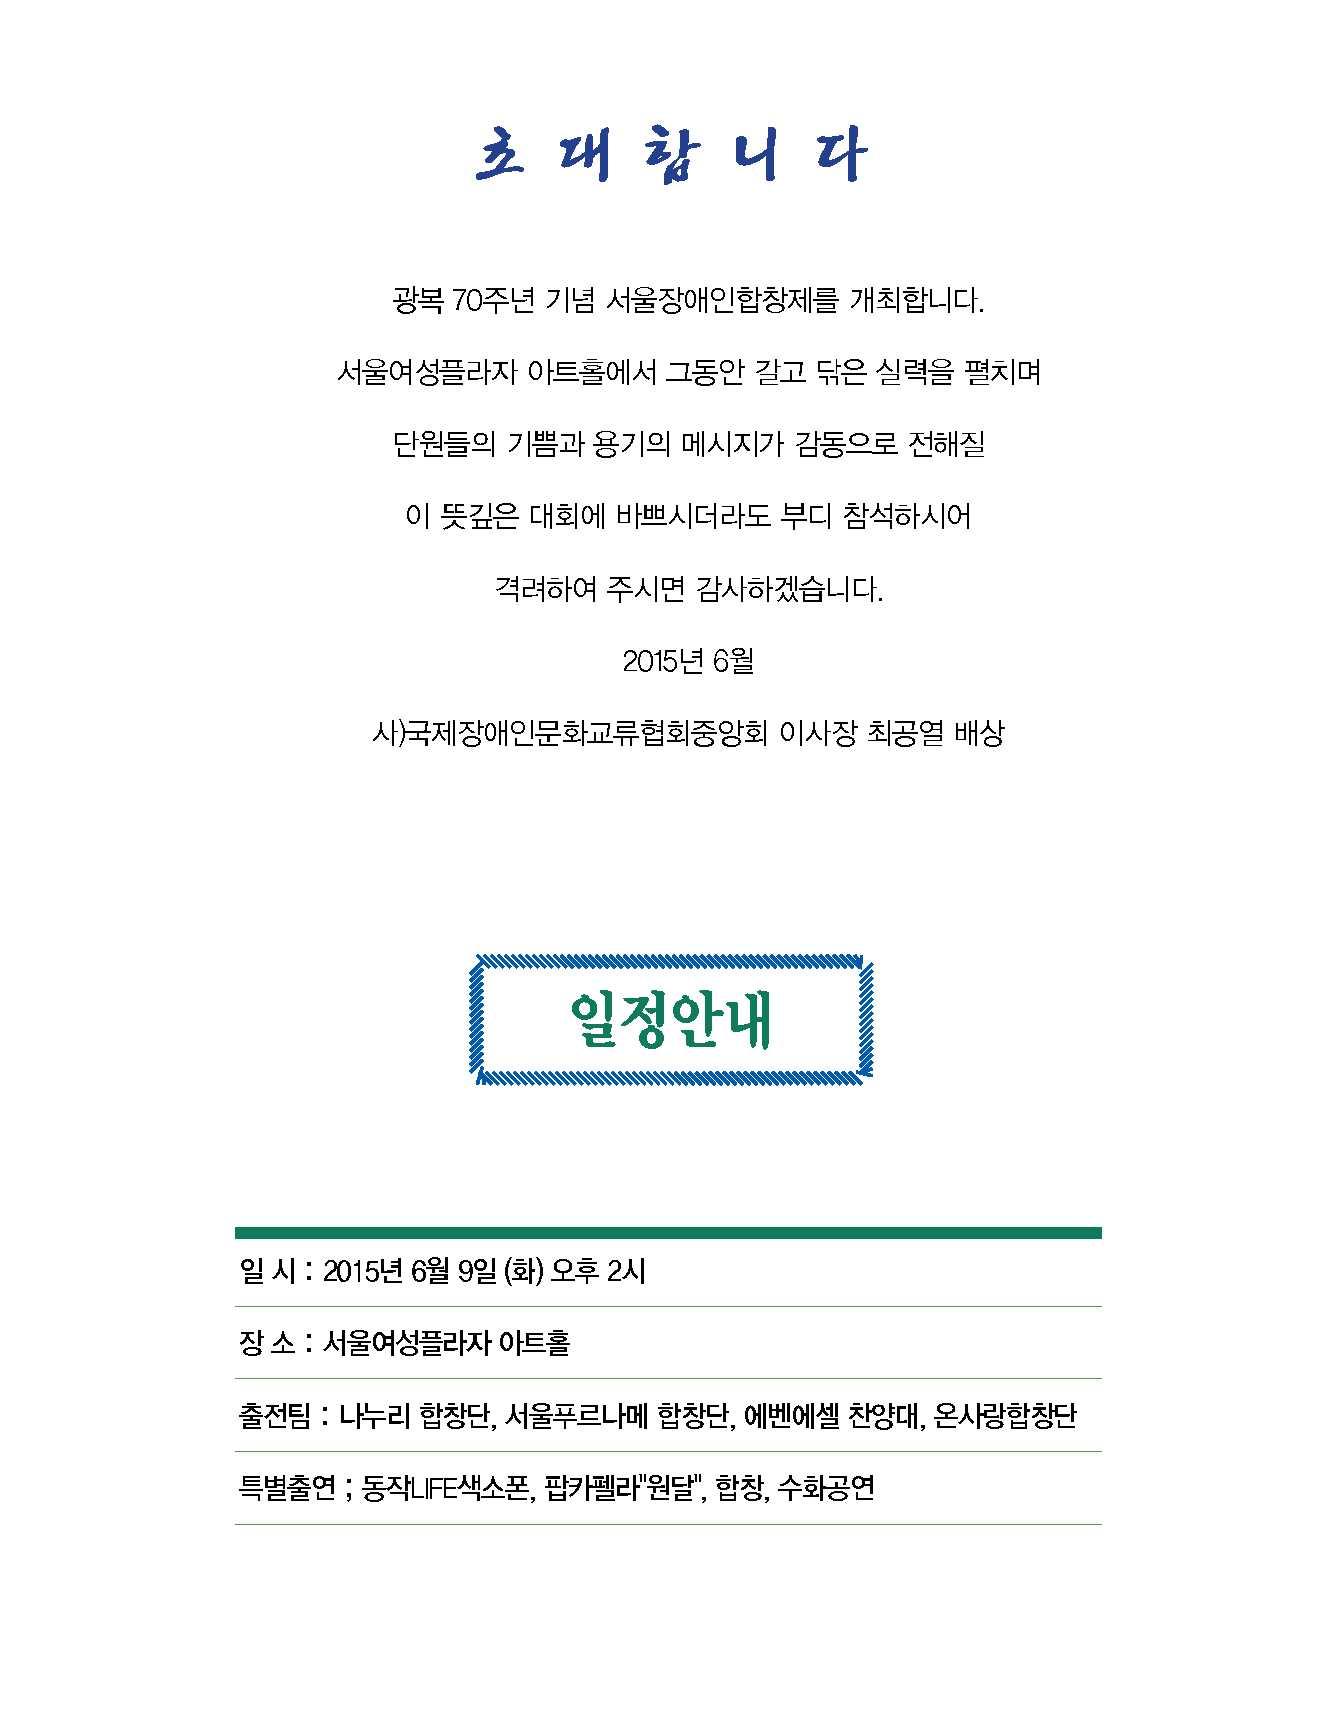 서울장애인합창제 초대장518_2.jpg